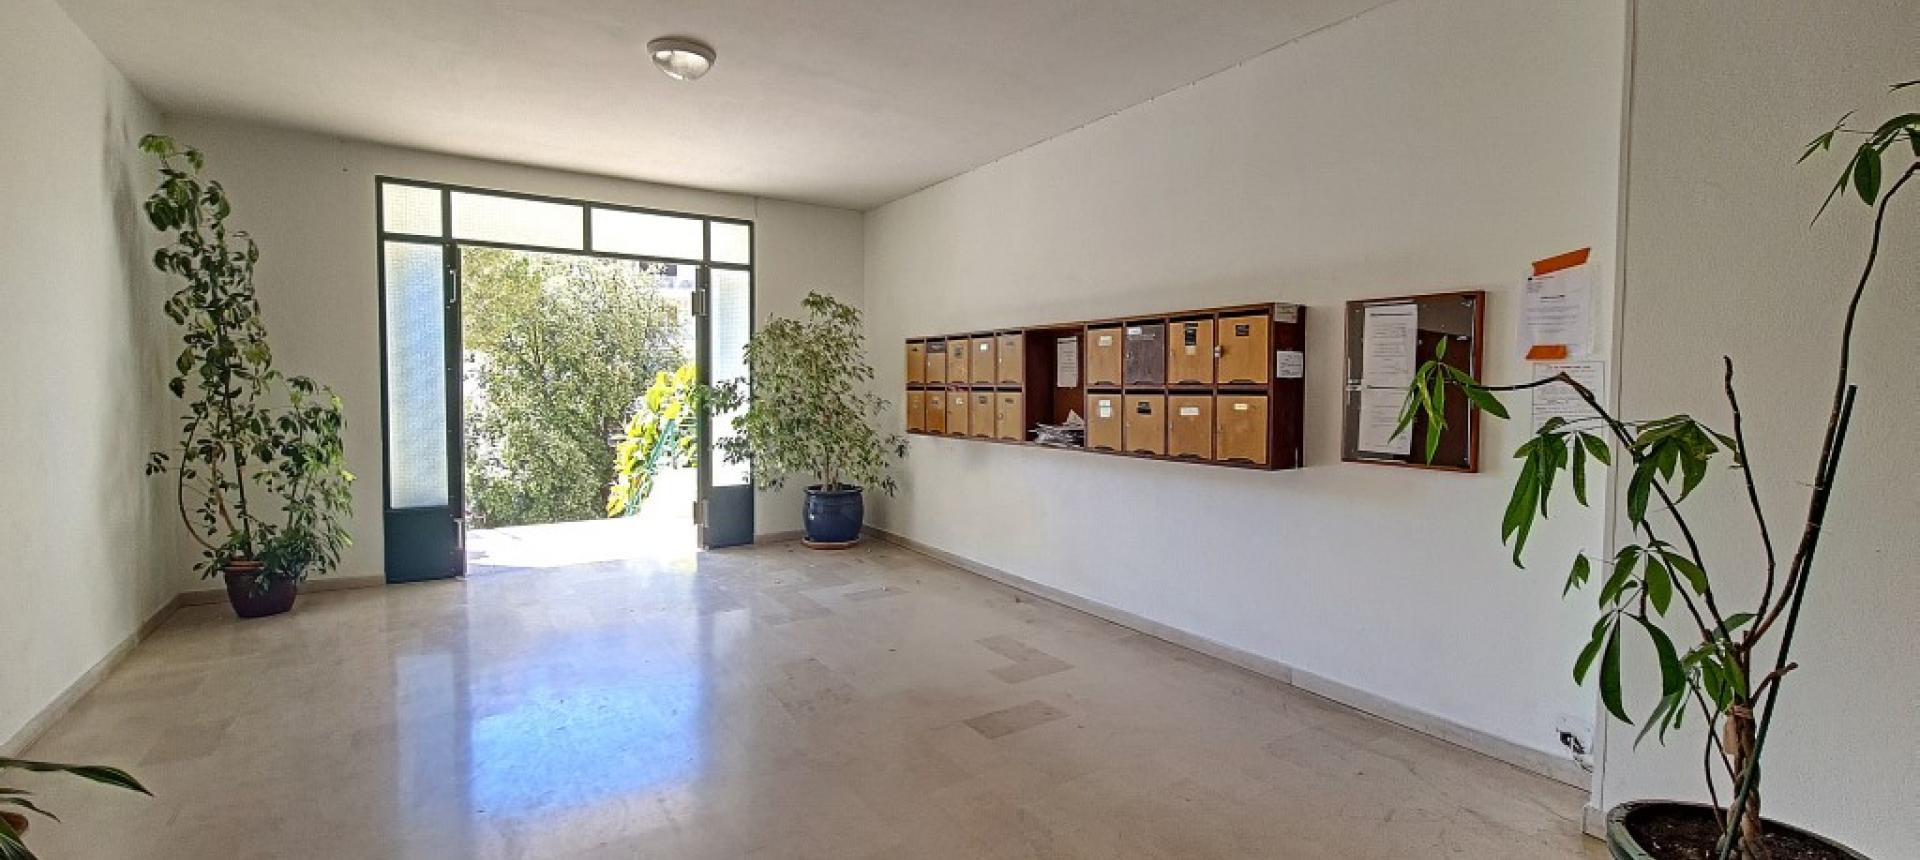 F3 à louer le Lemnos hall immeuble